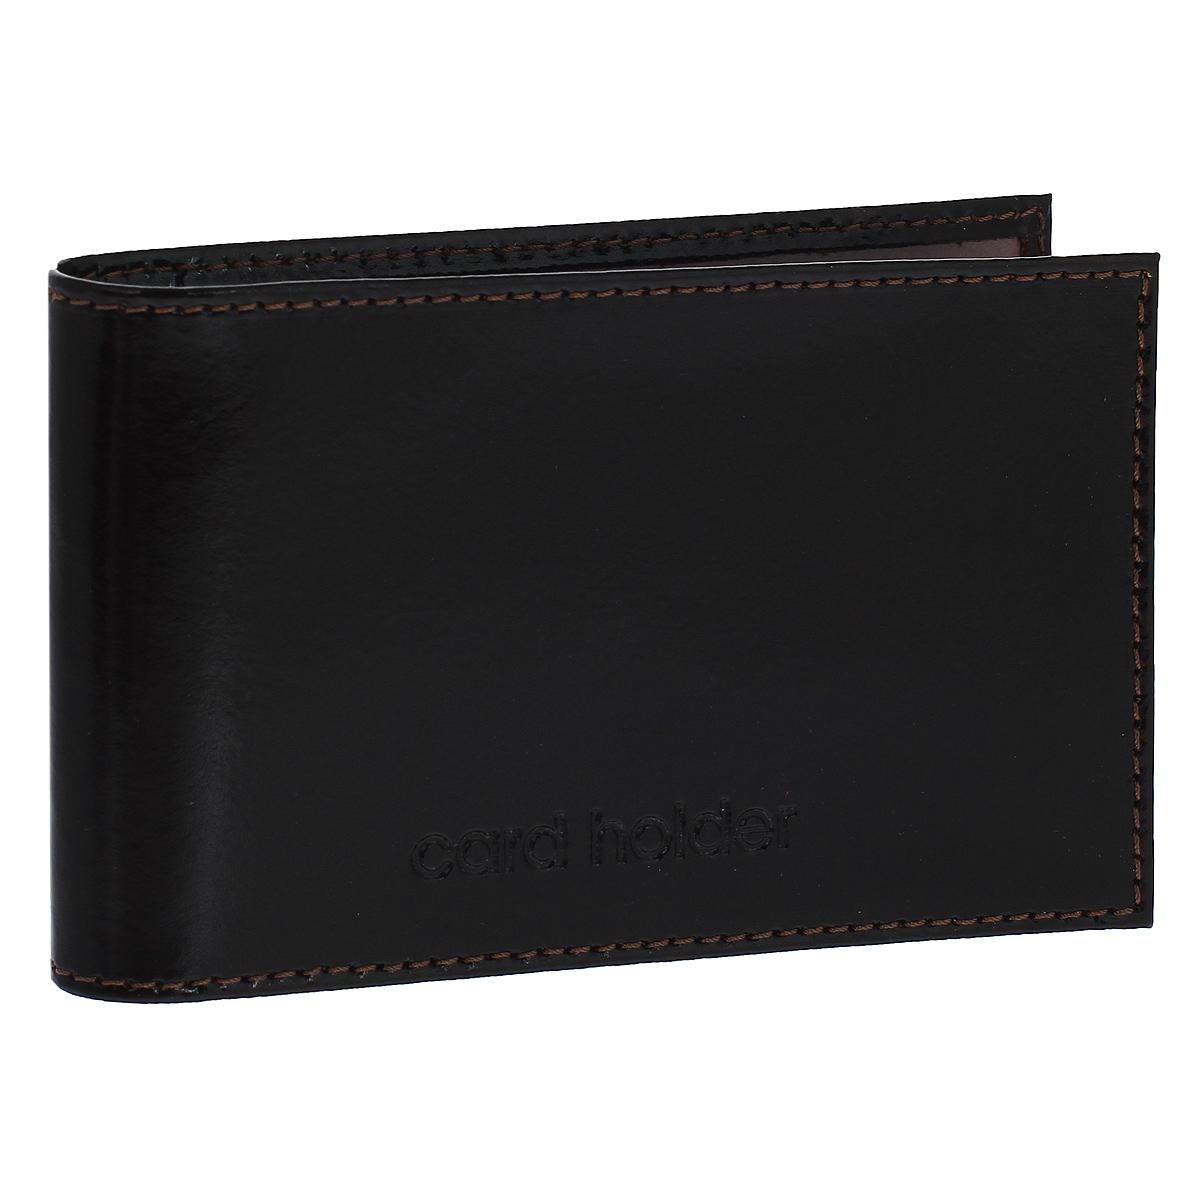 Кредитница горизонтальная Befler Classic, цвет: темно-коричневый. K.5.-1A52_108Компактная горизонтальная кредитница Befler Classic  - стильная вещь для хранения визиток. Обложка кредитницы выполнена из натуральной кожи и оформлена декоративным тиснением Card Holder. На внутреннем развороте 2 кармана из прозрачного пластика. Внутренний блок состоит из 20 прозрачных кармашков, рассчитанных на 40 визитных или 20 кредитных карт.